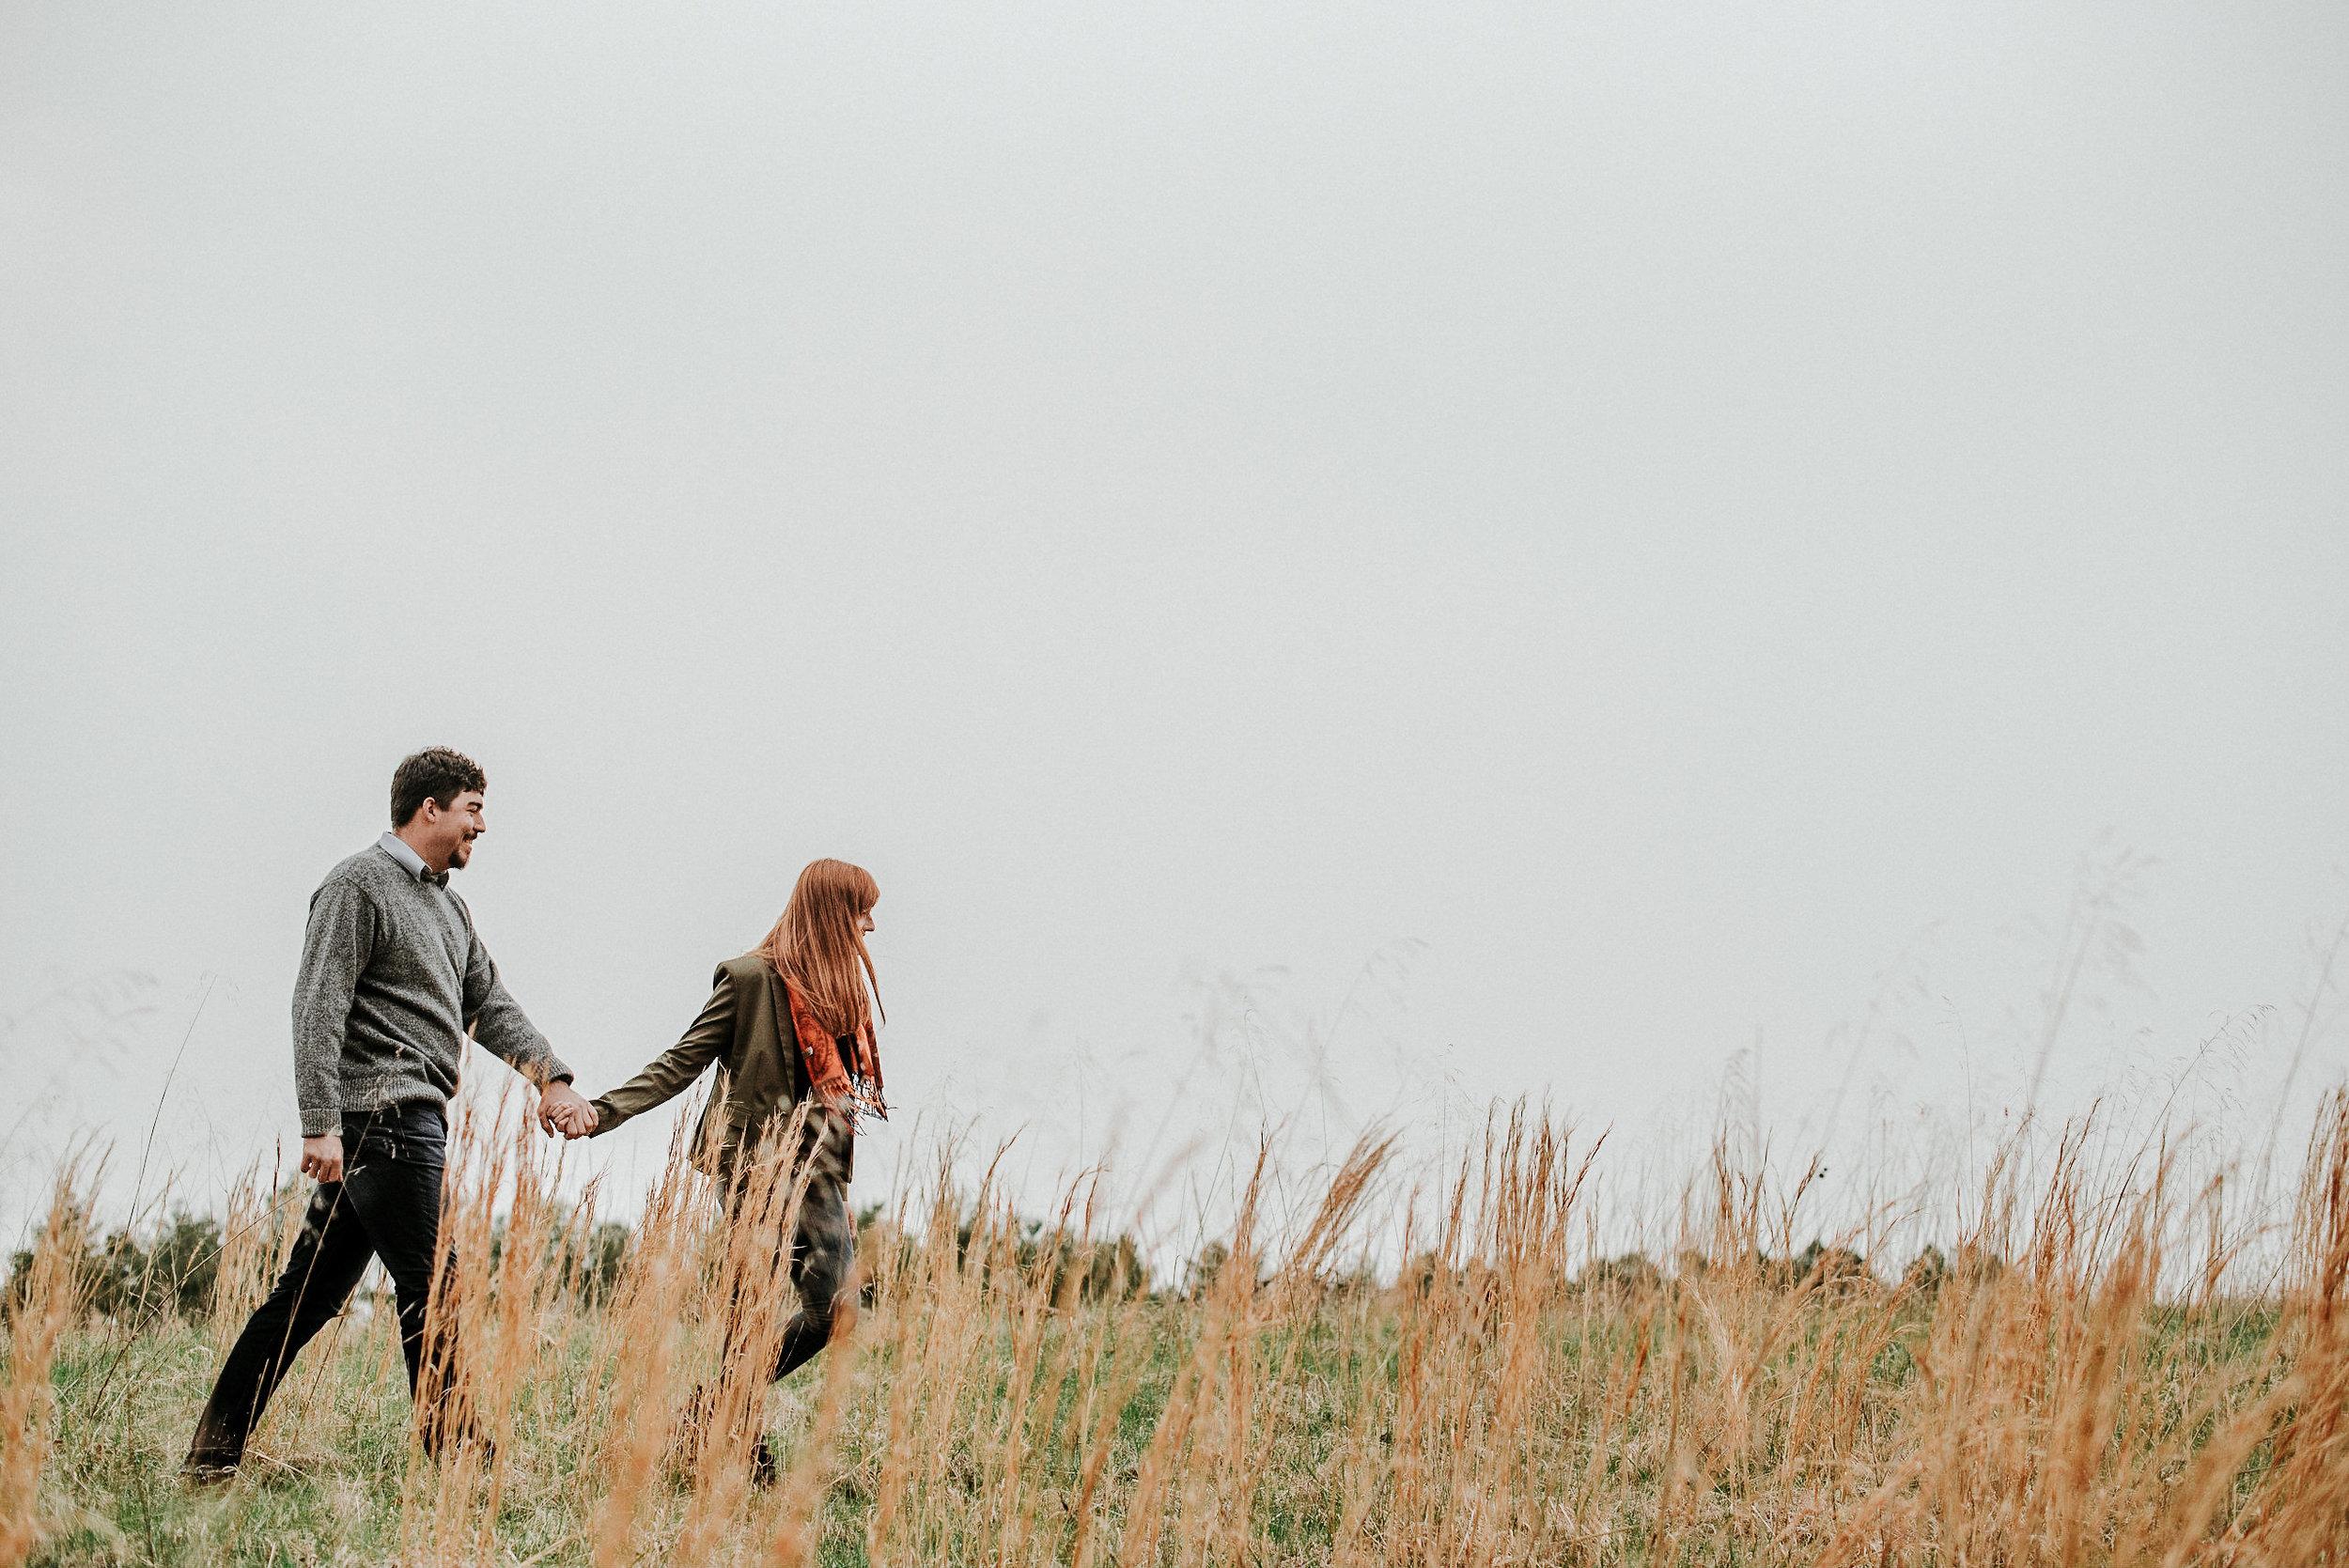 Woman leading man across field